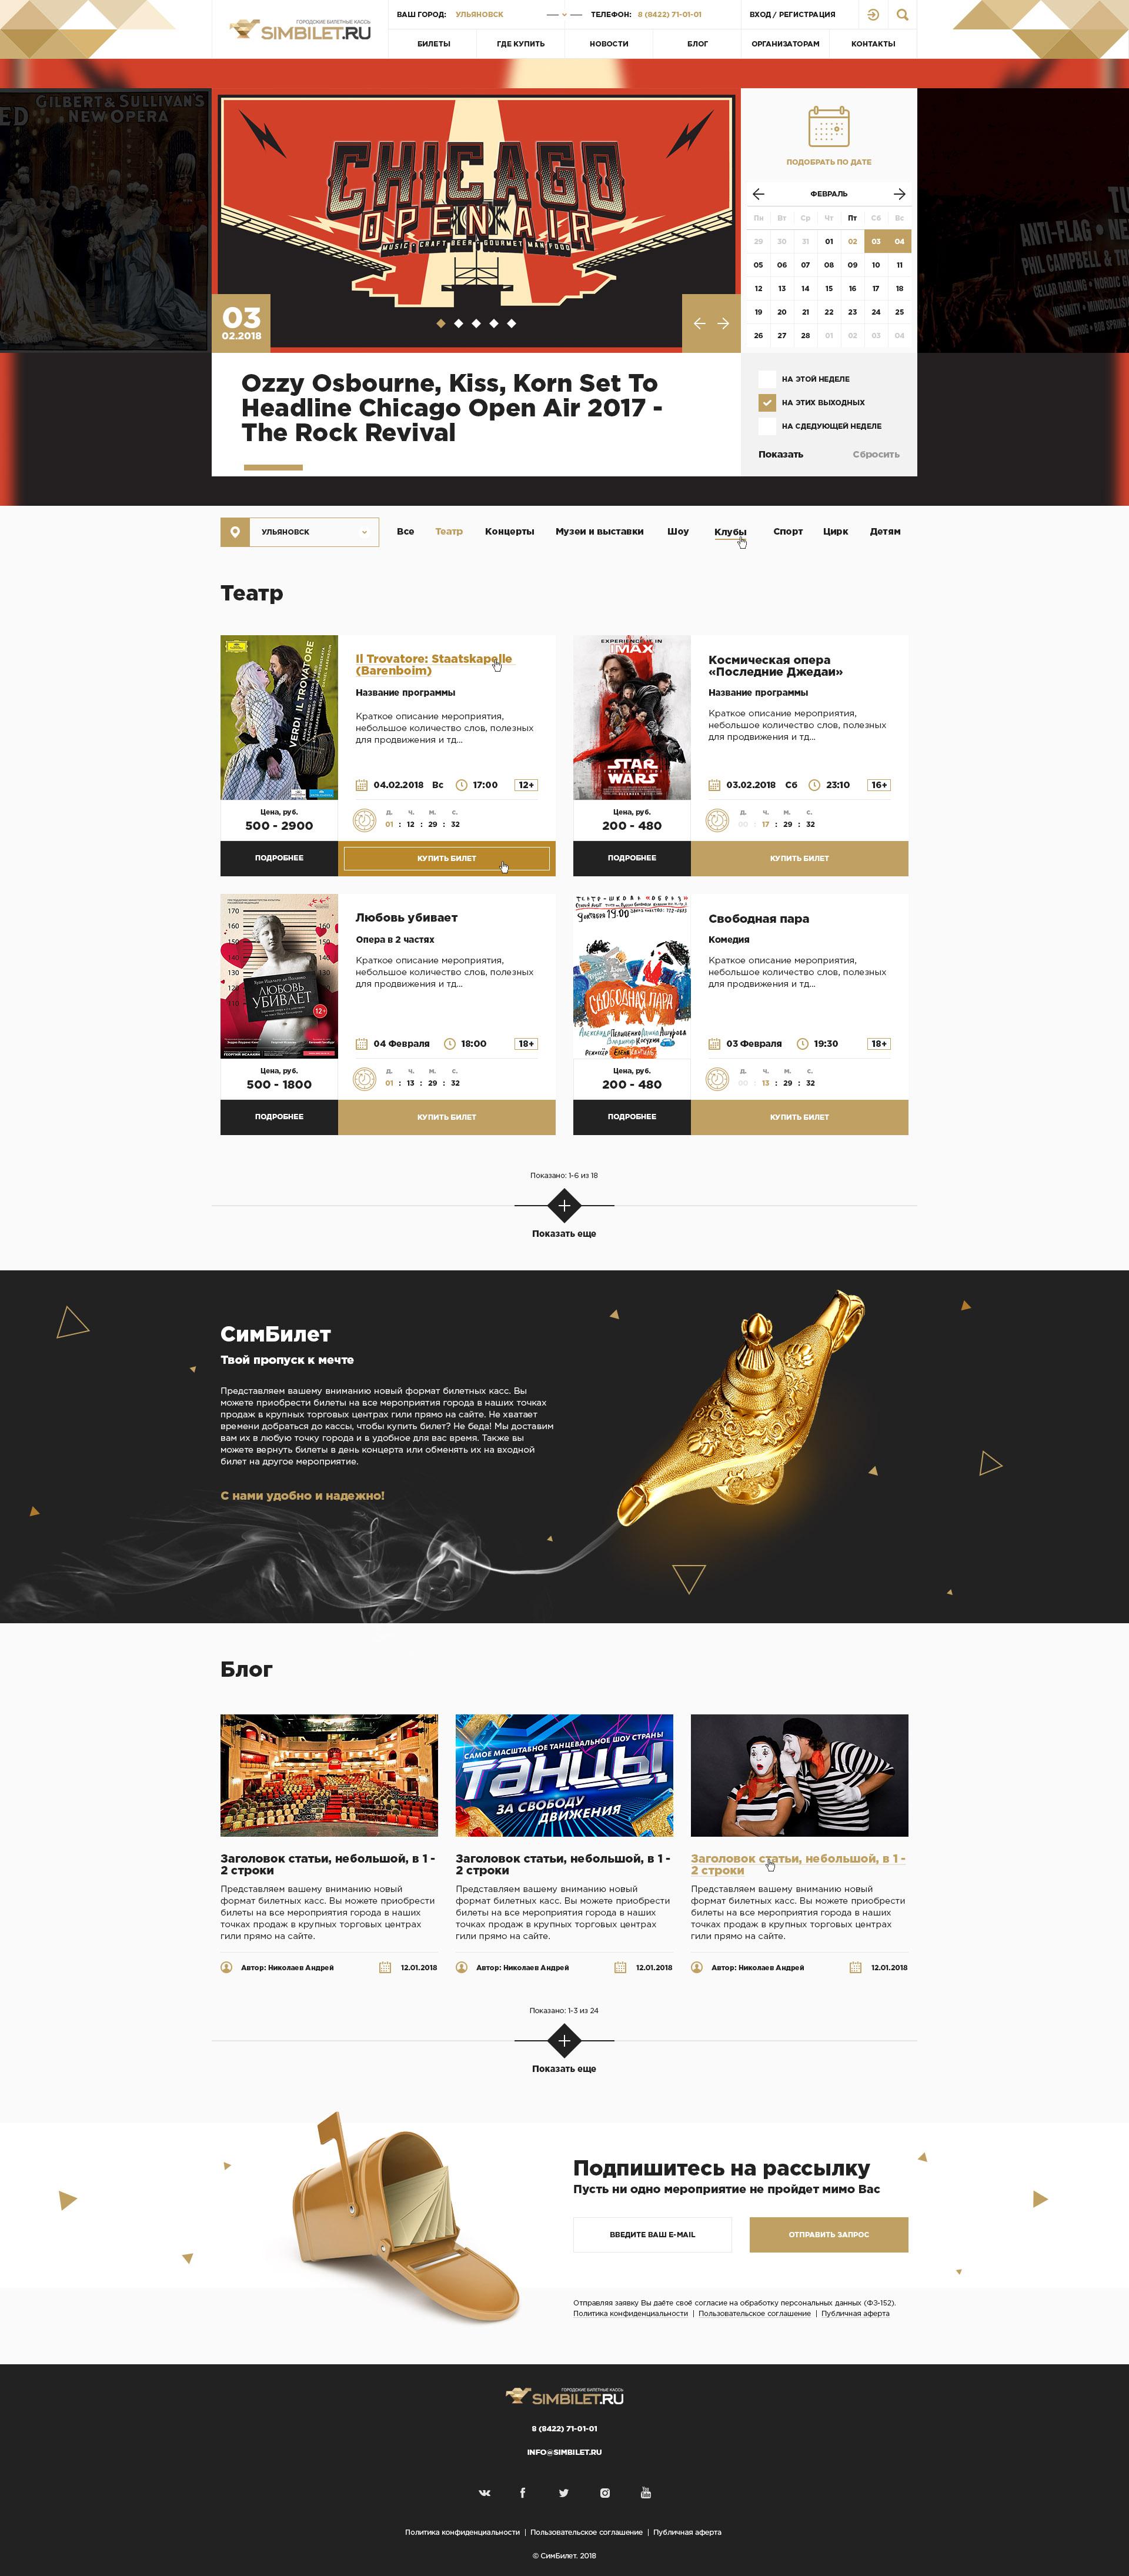 Сайт simbilet.ru под ключ  фото f_9275a5a2f1b750fa.jpg